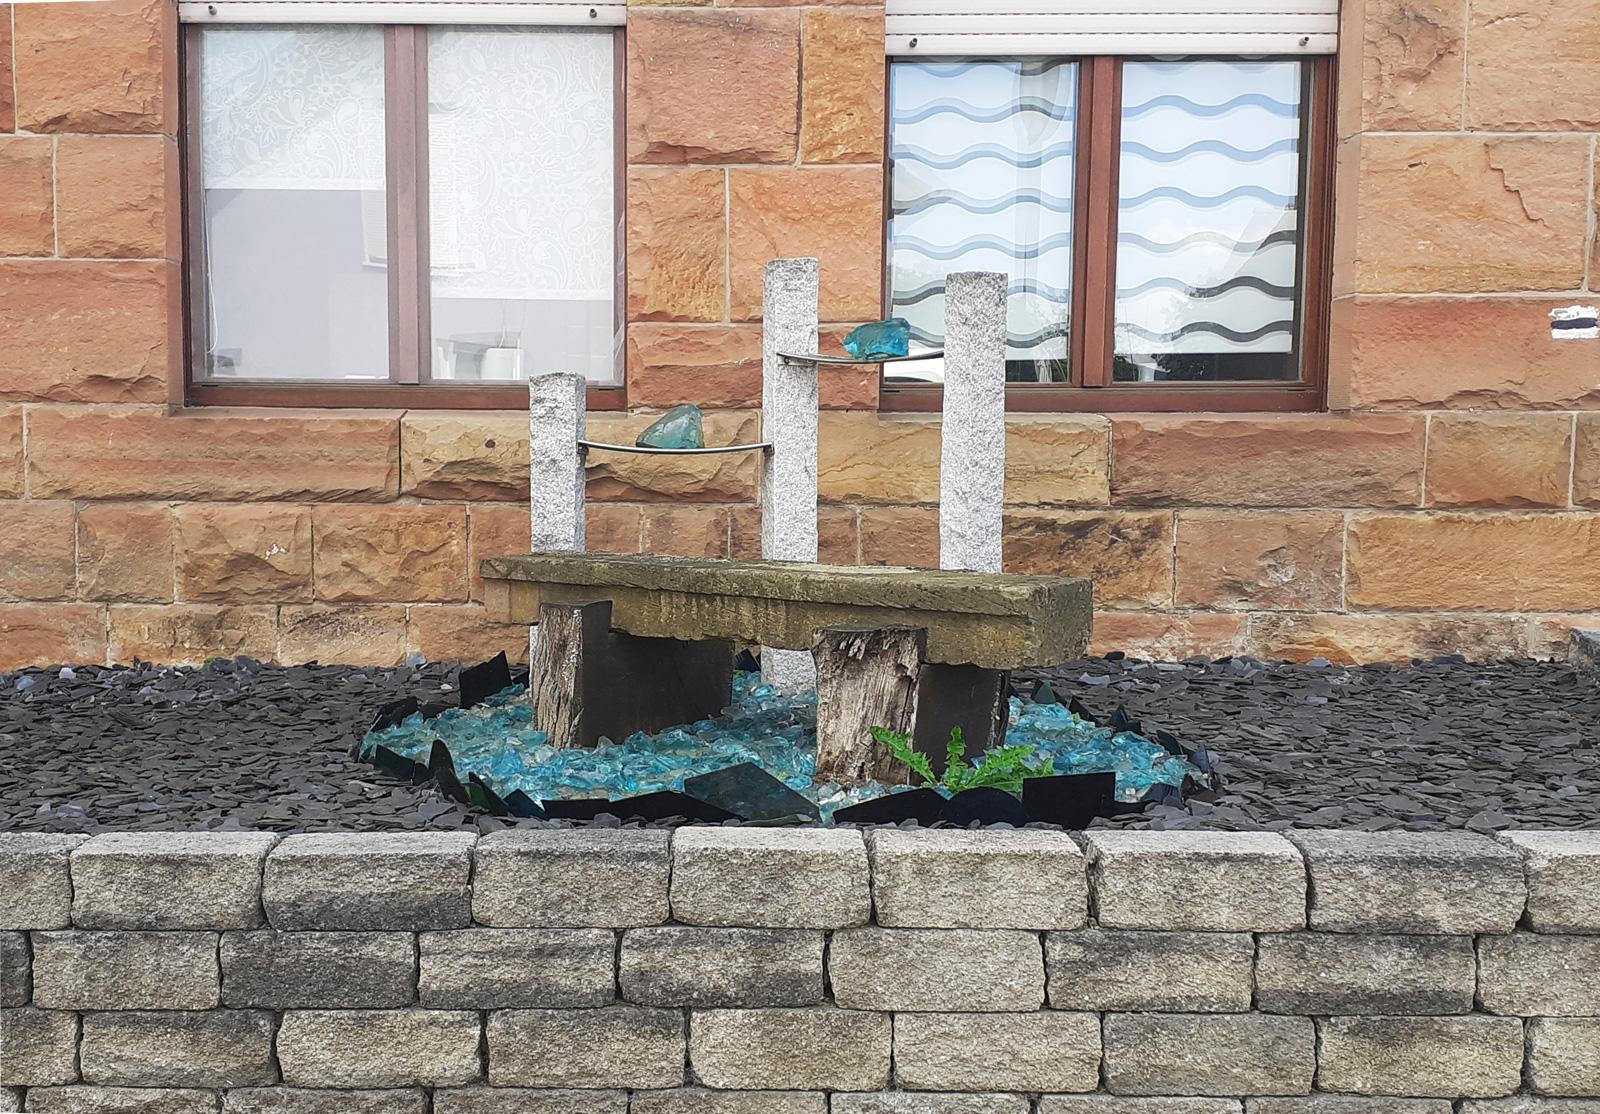 Kunst statt Grünzeug: Vorgartengestaltung mit Stein und Glas